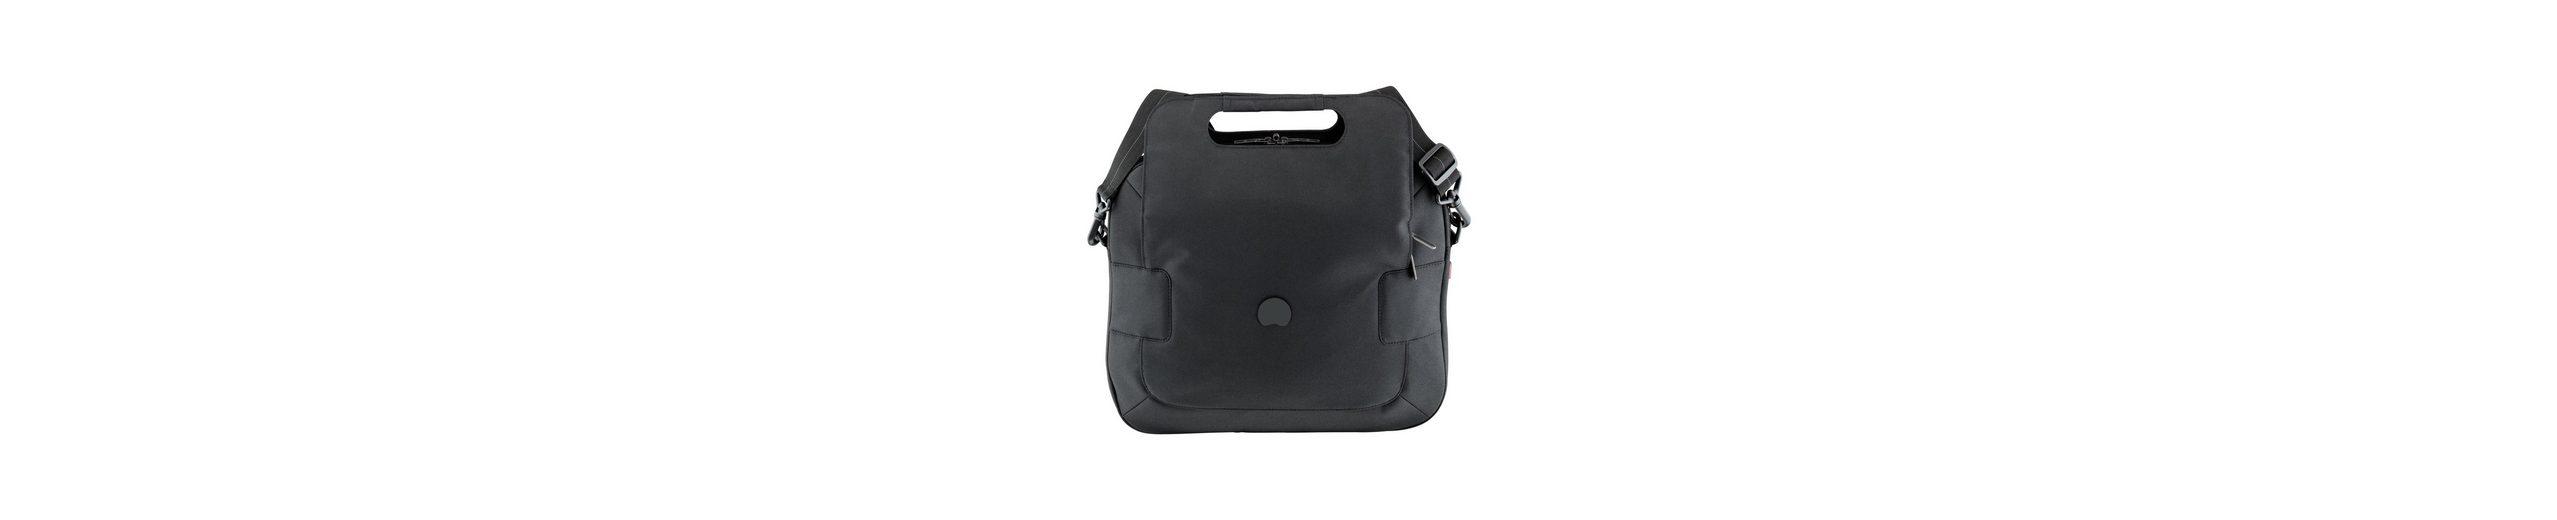 DELSEY Aktentasche mit gepolstertem 14-Zoll Laptopfach, »Tuileries«